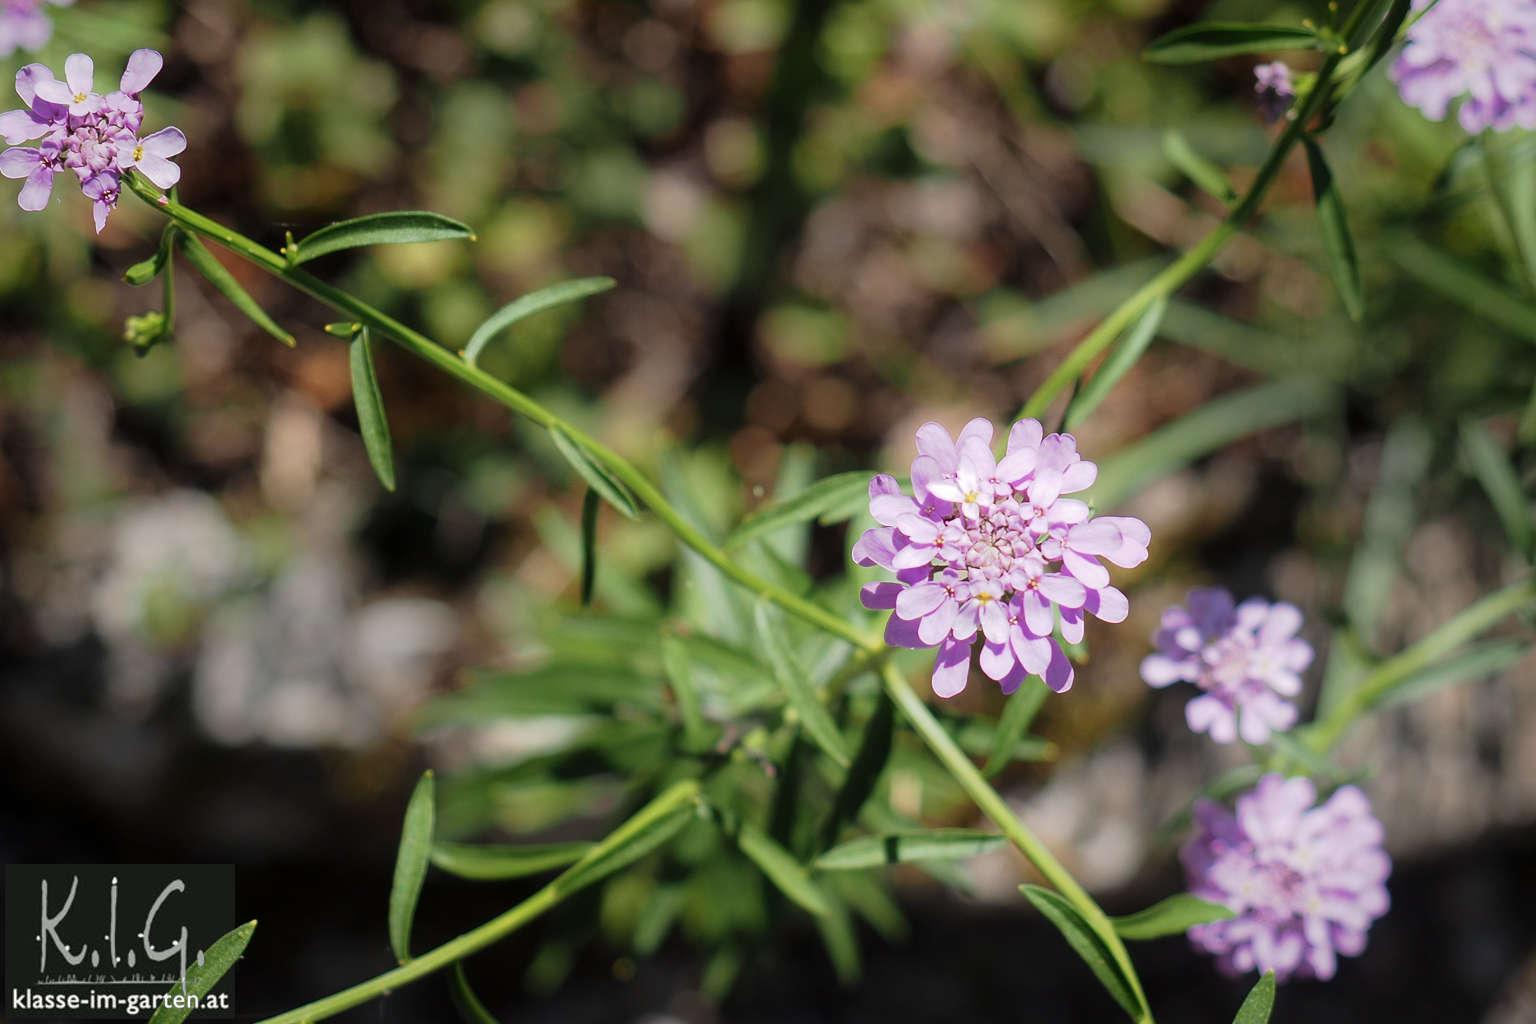 Giardino Botanico Carsiana- Knautia species?